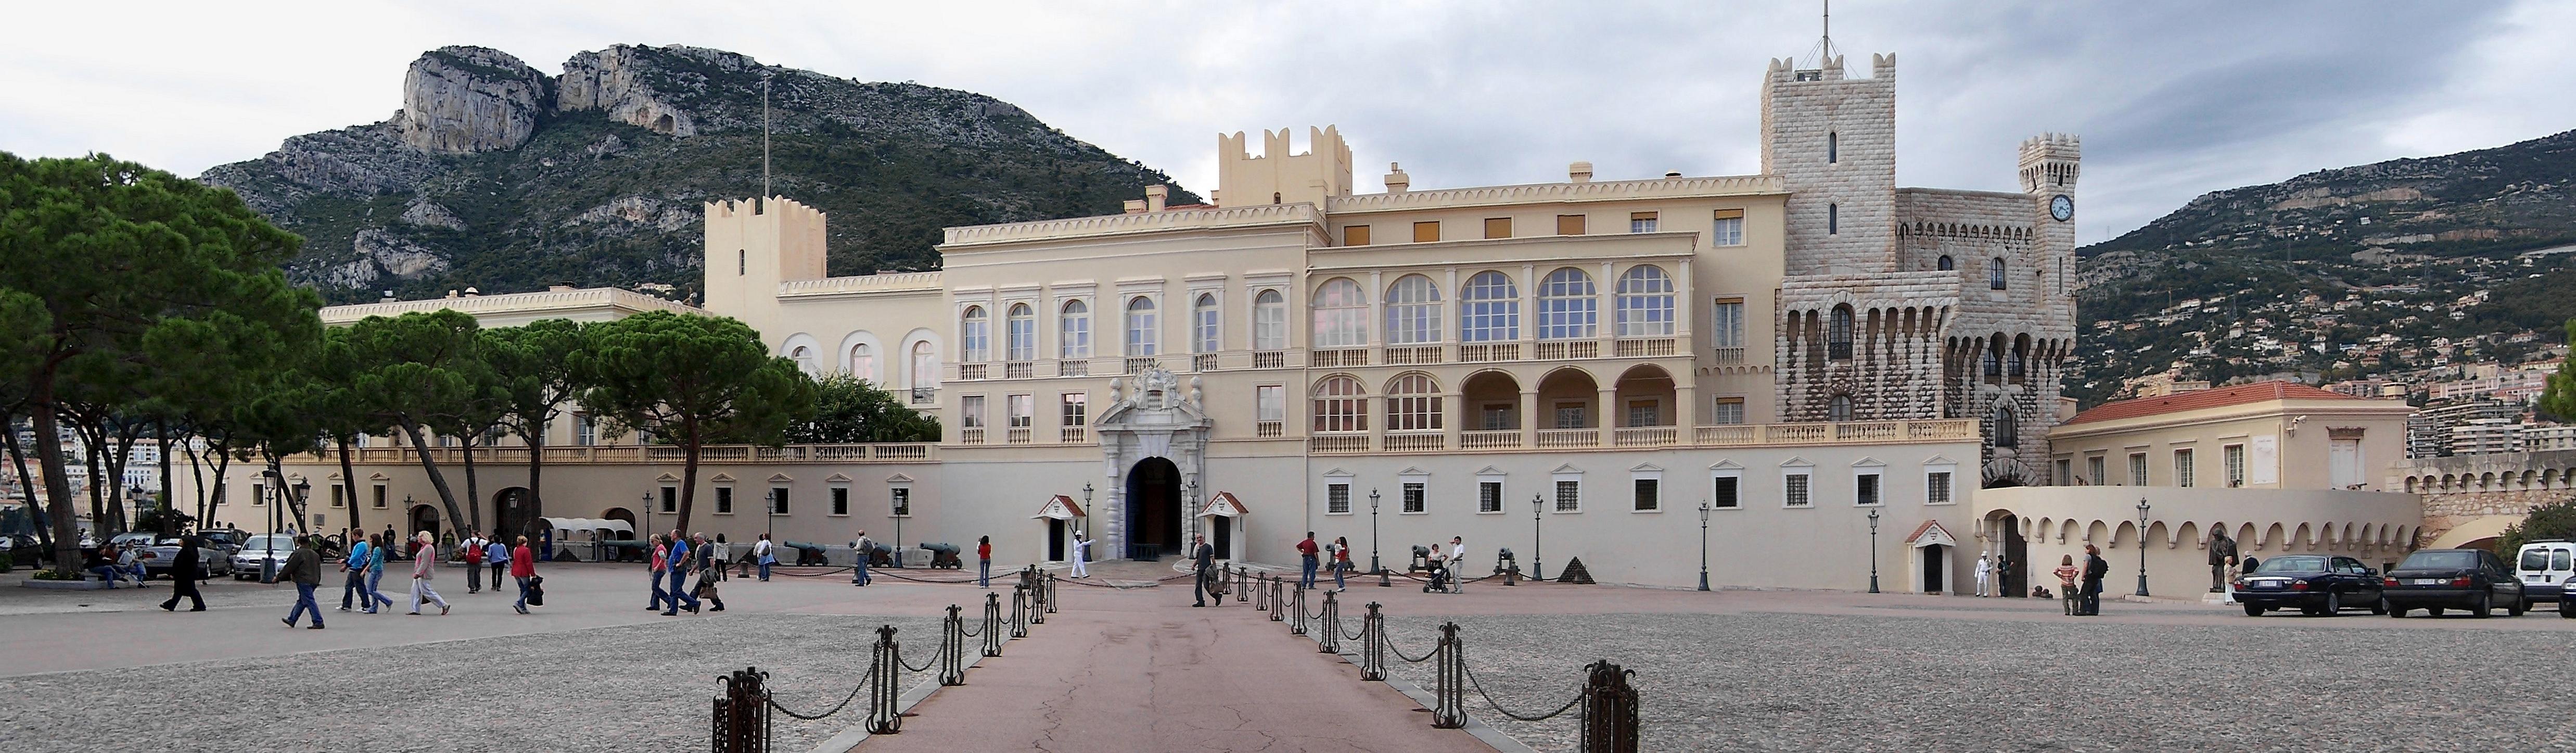 Monaco Prince Palace panorama